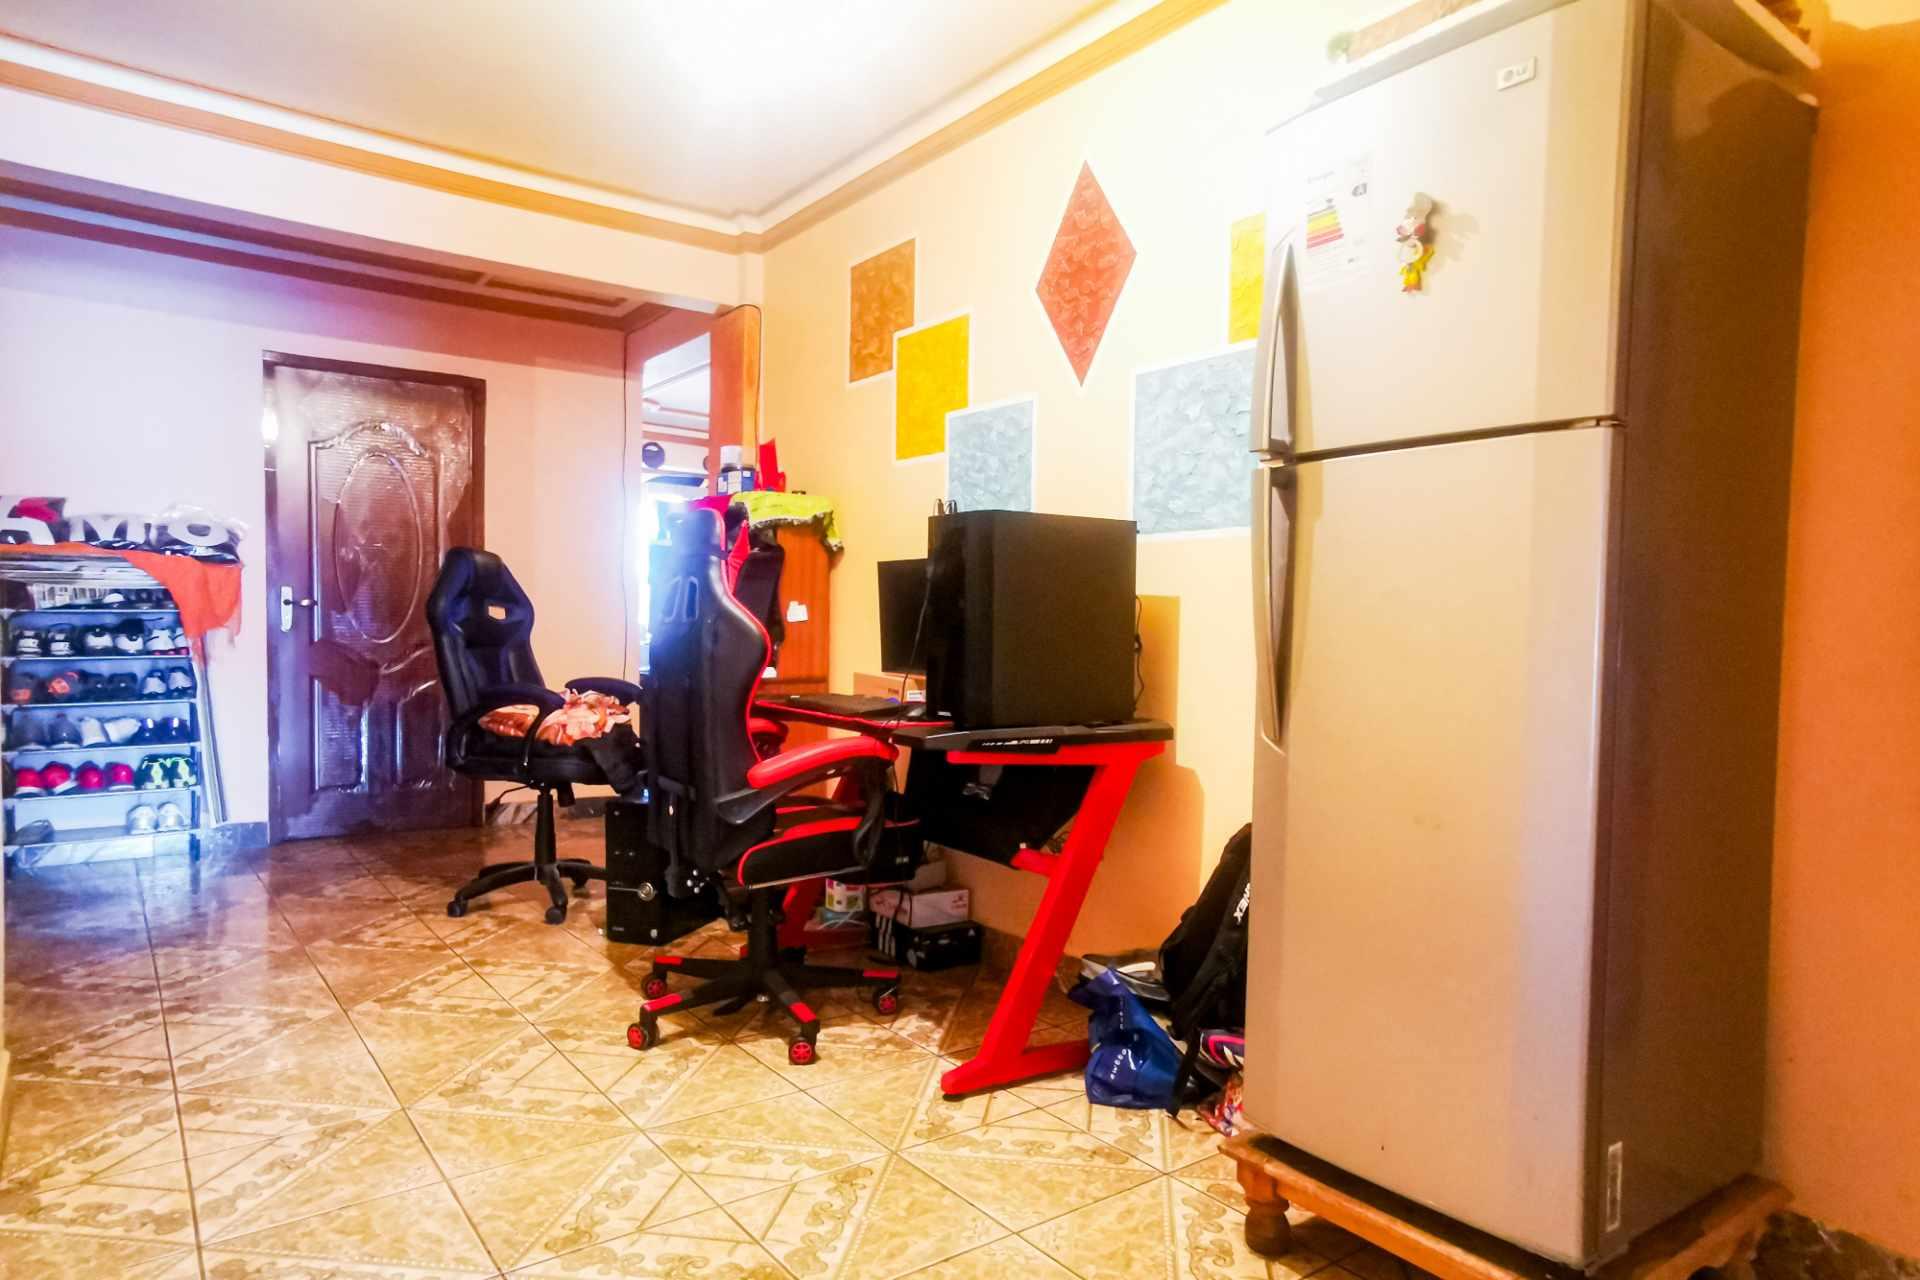 Departamento en Anticretico Av. Barrientos 2293 a 2 cuadras de la Av. & de Agosto Foto 15